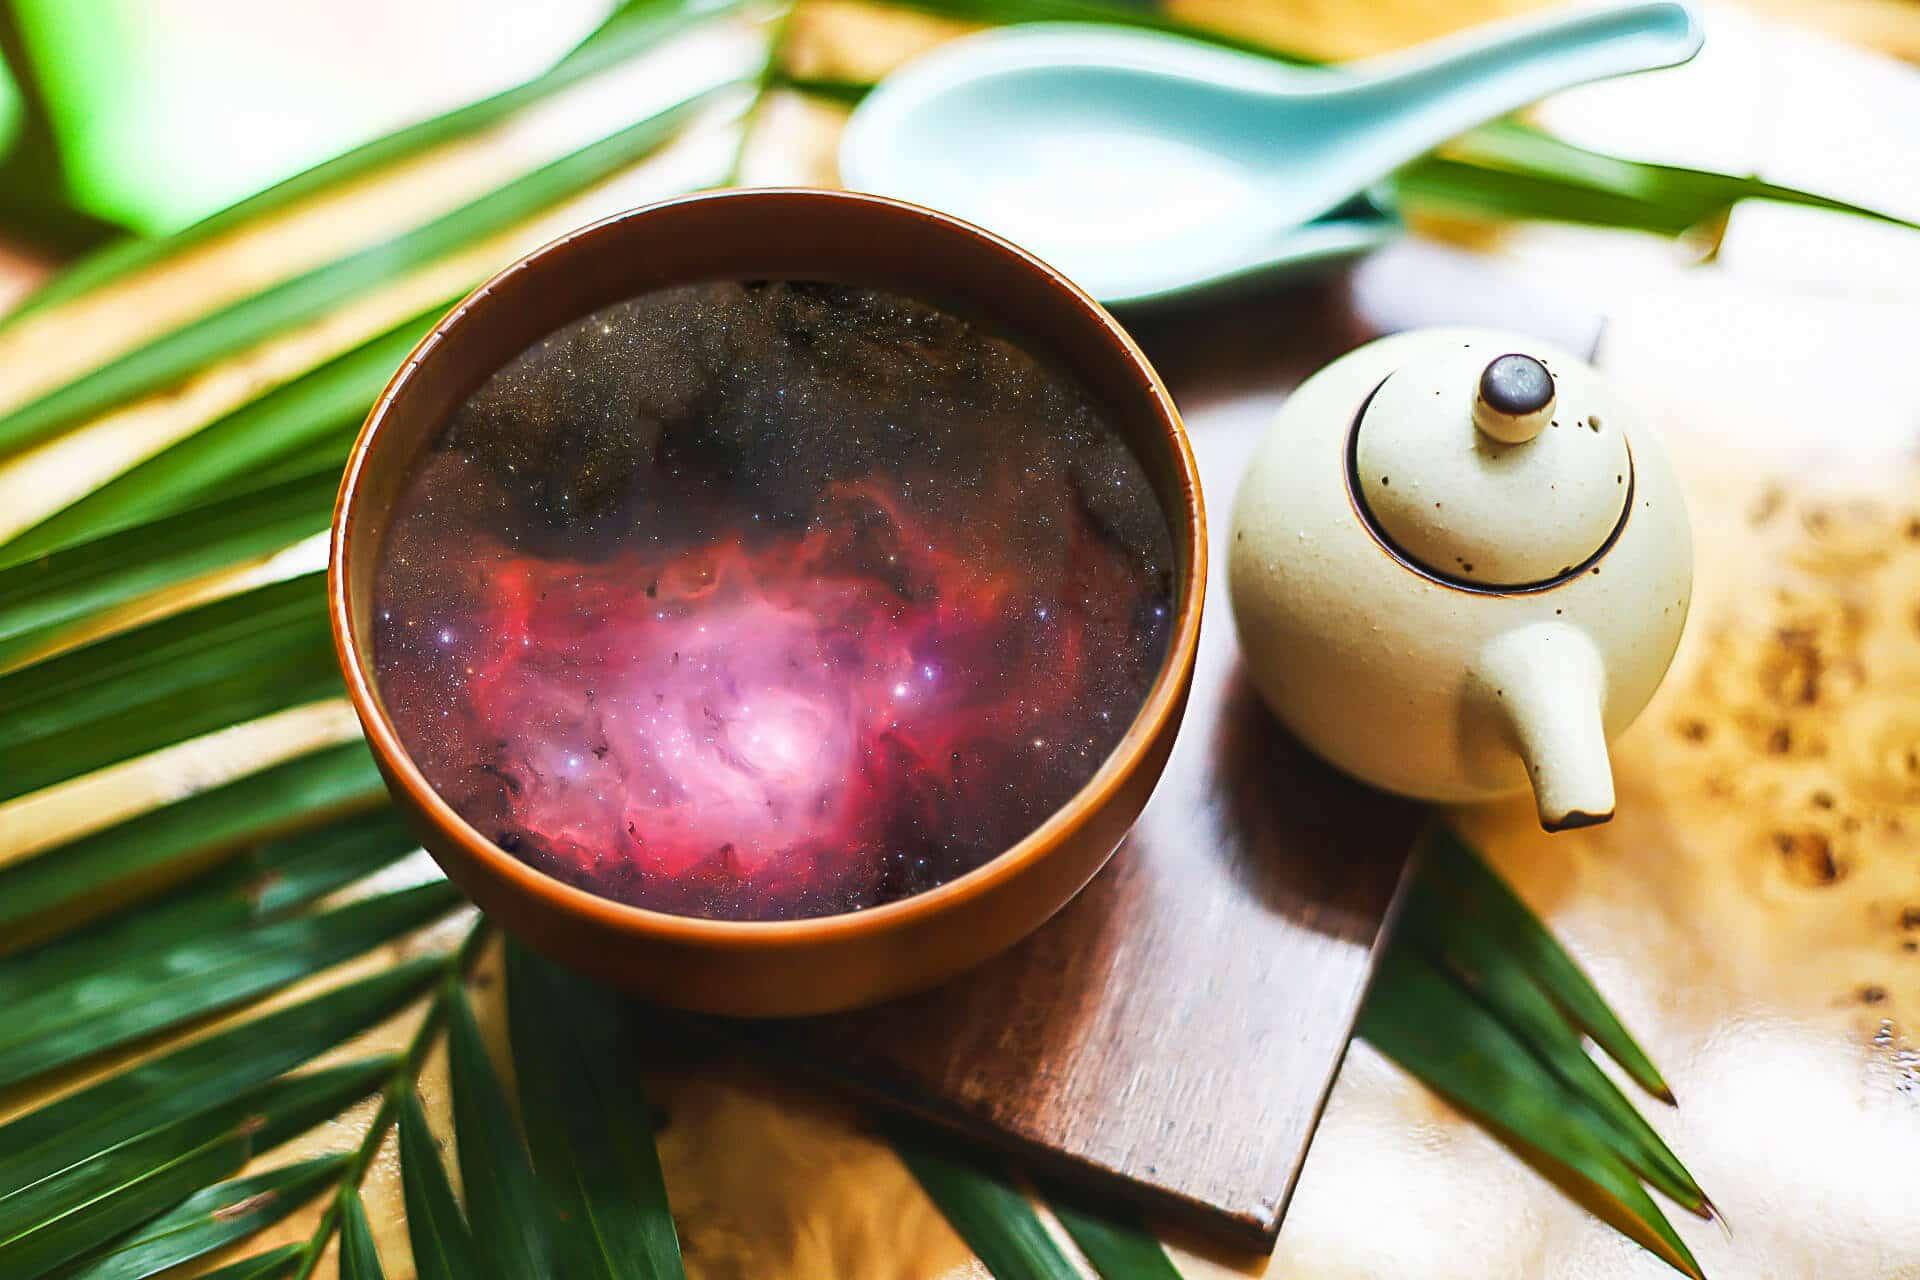 世界でたった3個!宇宙を閉じ込めた幻の茶碗!「曜変天目茶碗」【国宝】